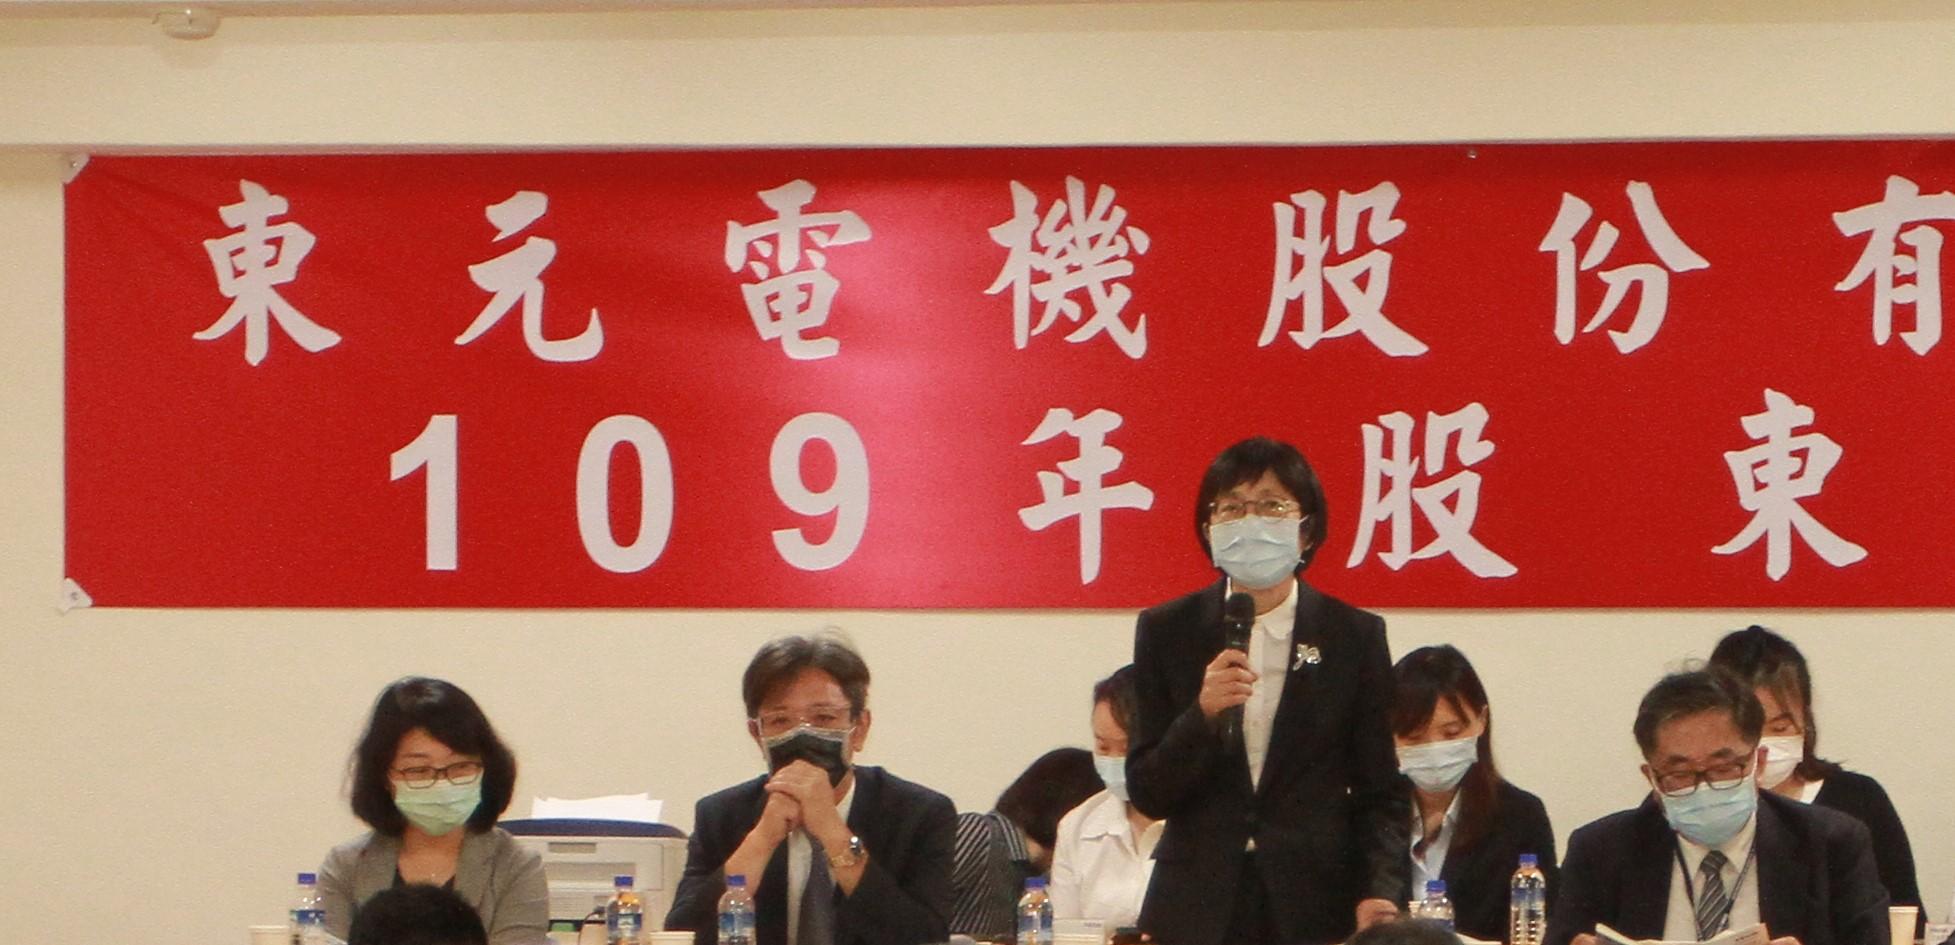 东元股东会 派发现金股利0.99元优于去年